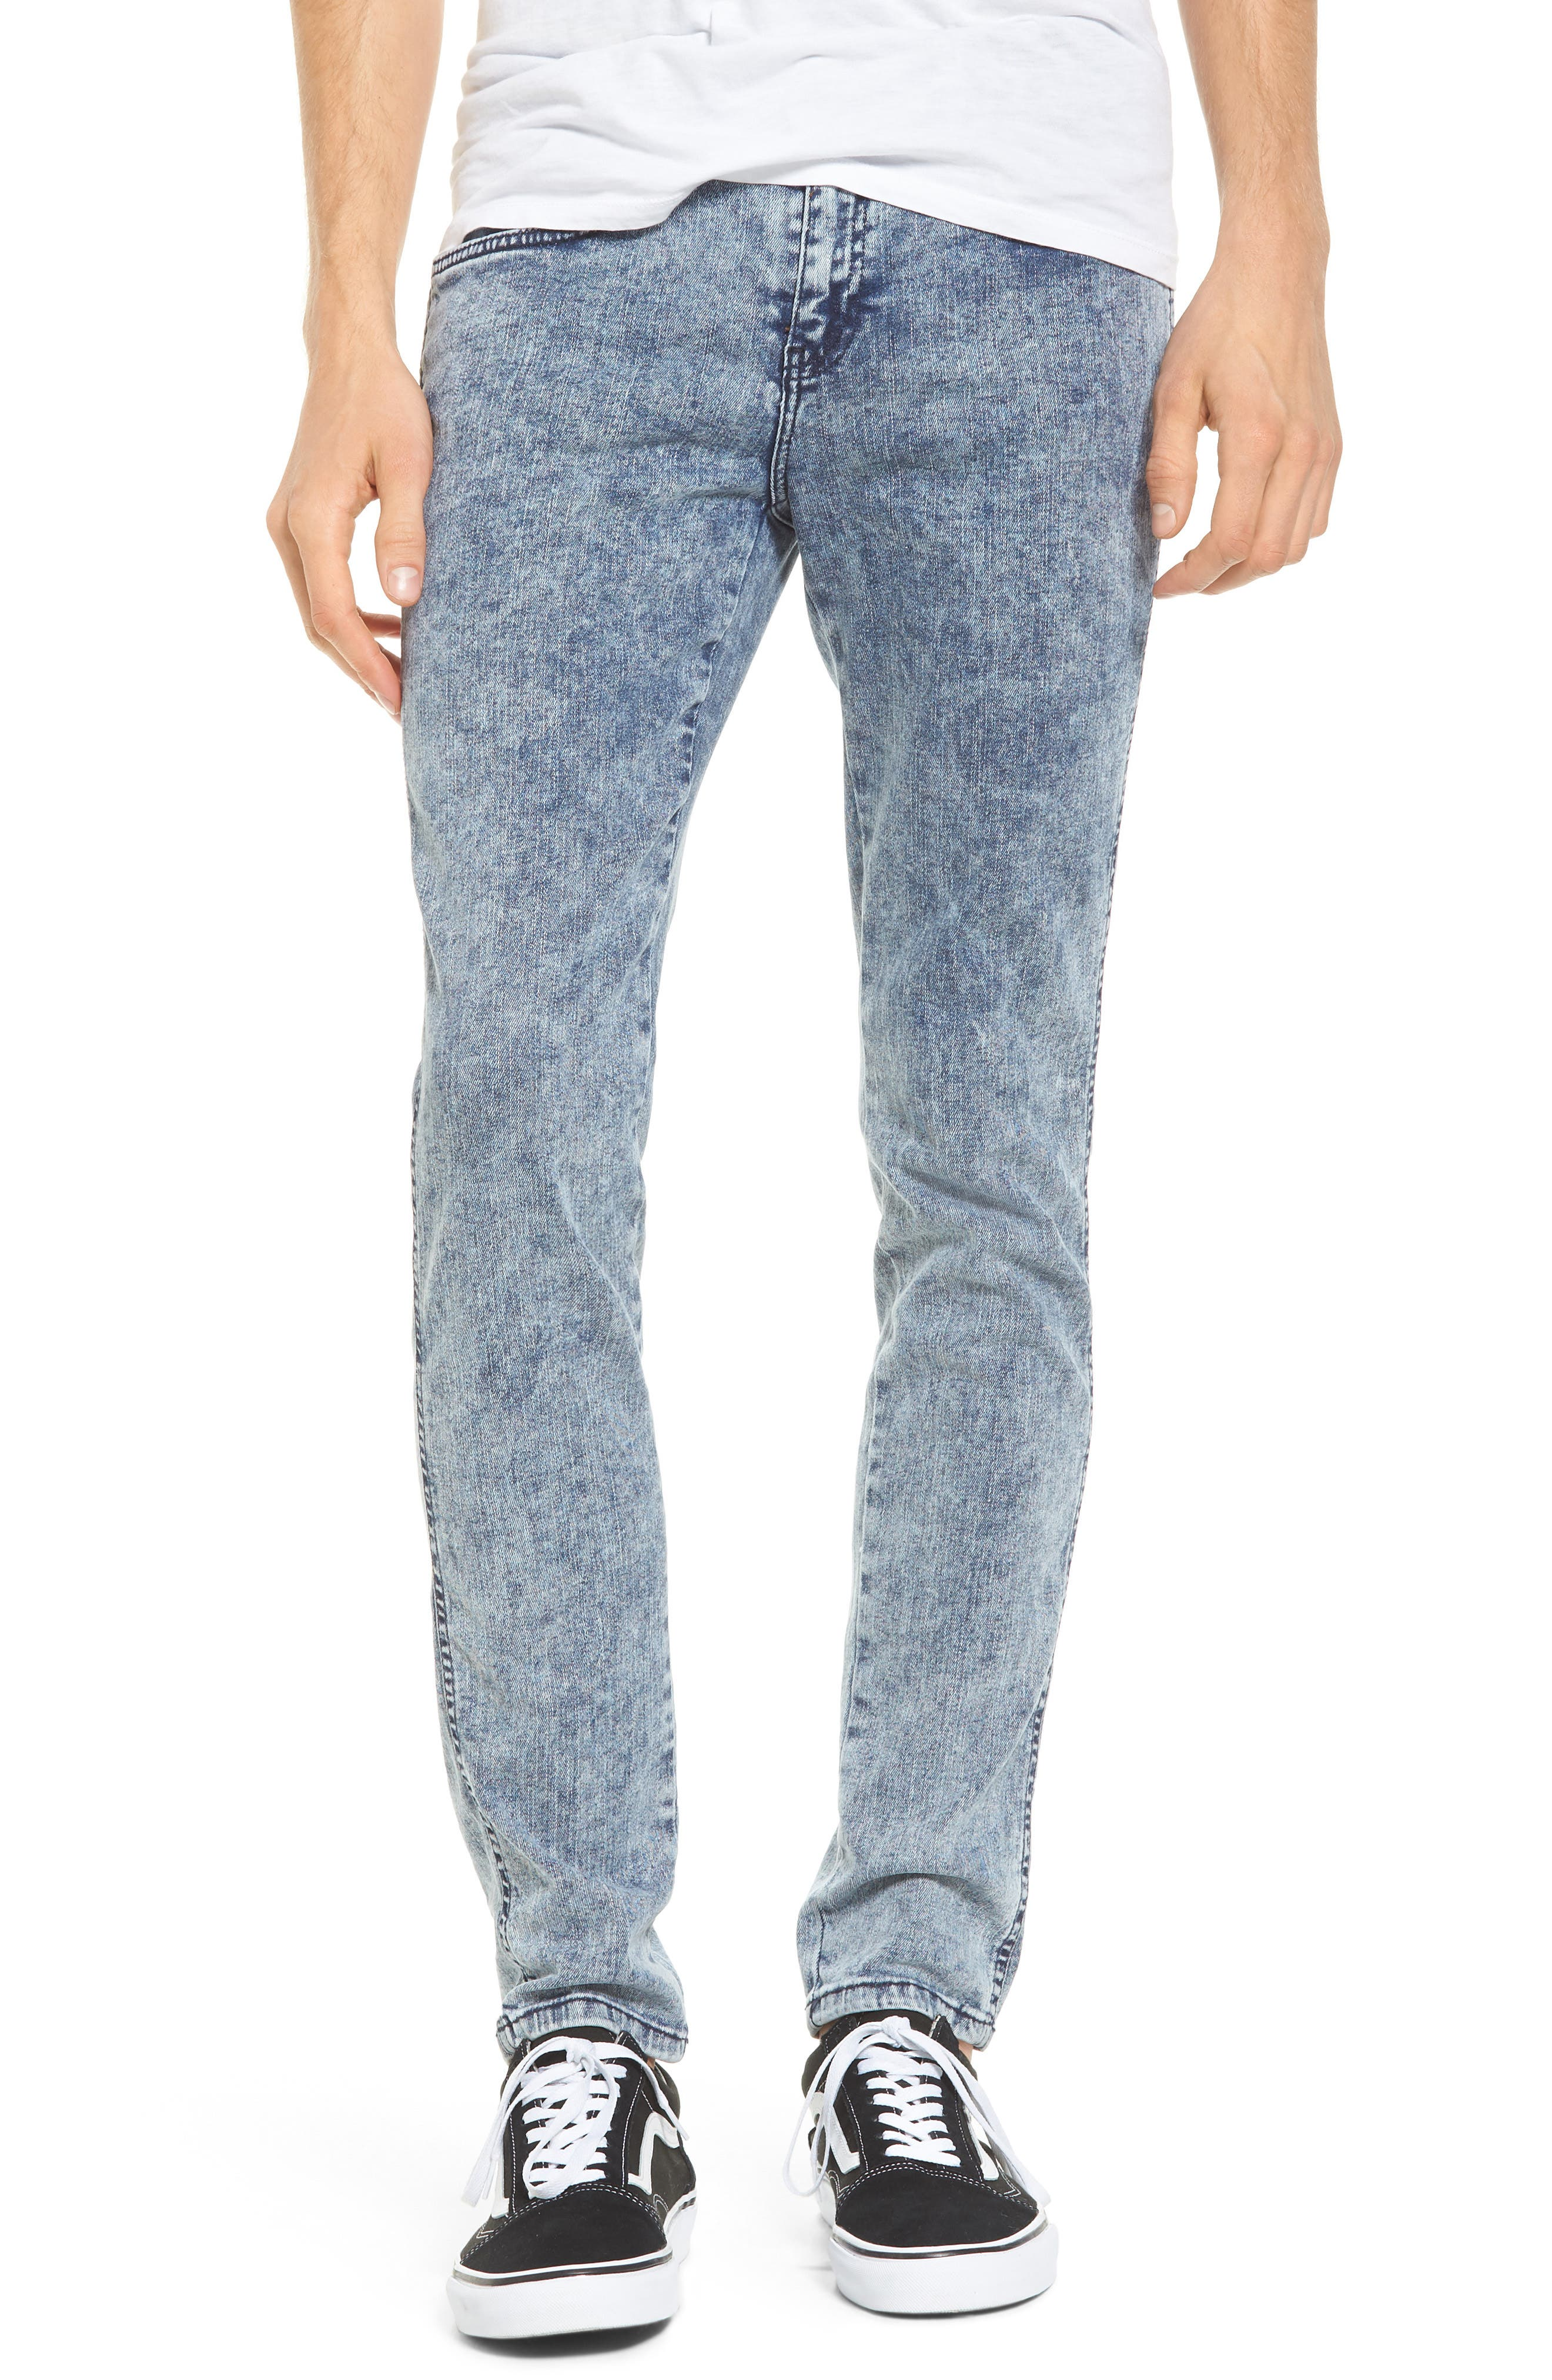 Snap Skinny Fit Jeans,                         Main,                         color, Acid Blue